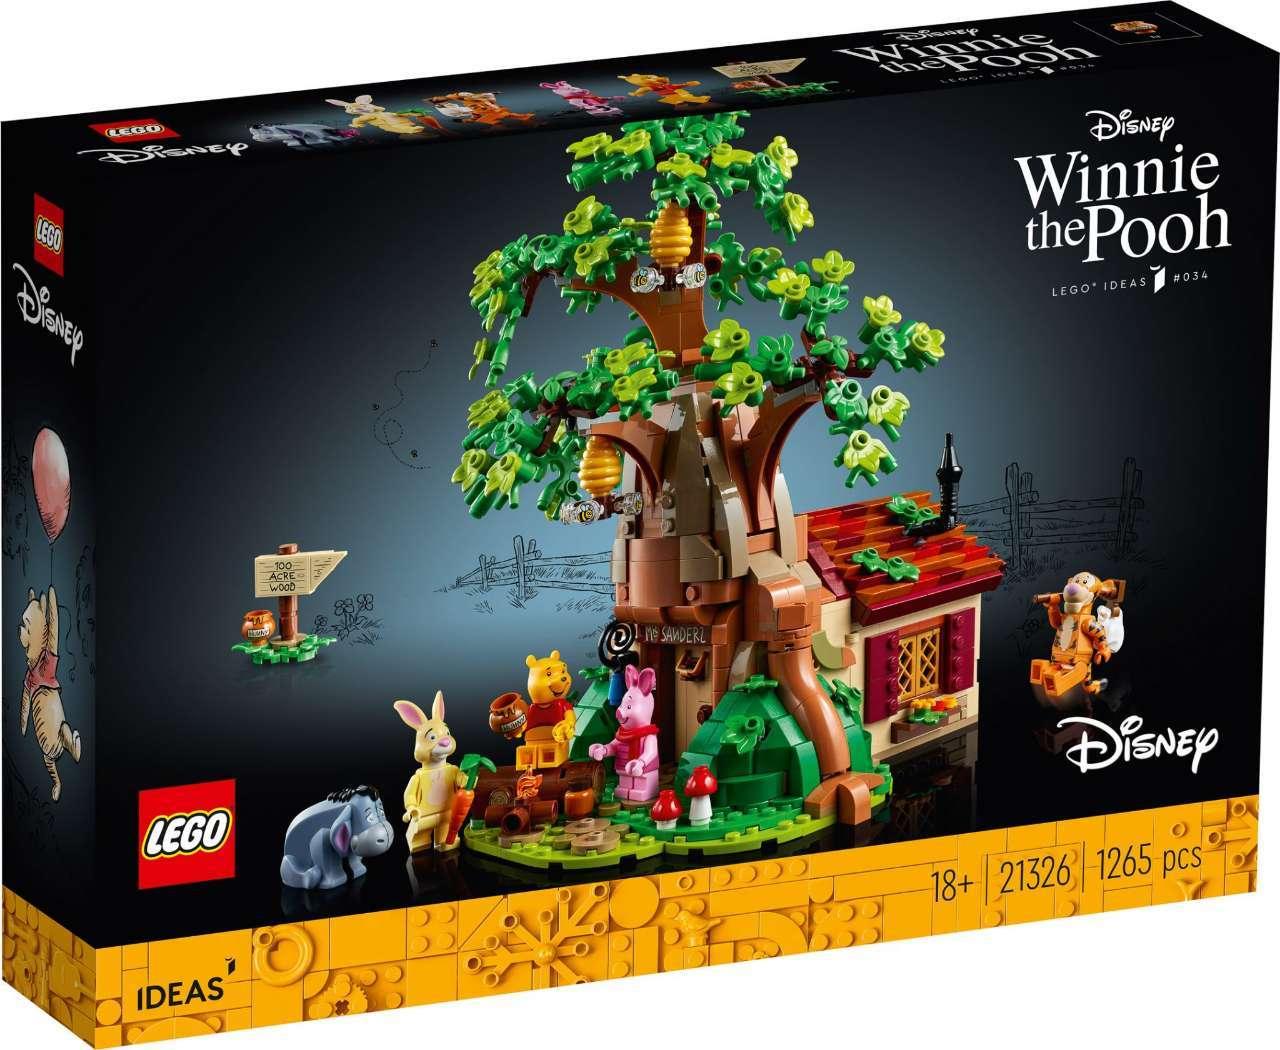 lego-ideas-winnie-the-pooh